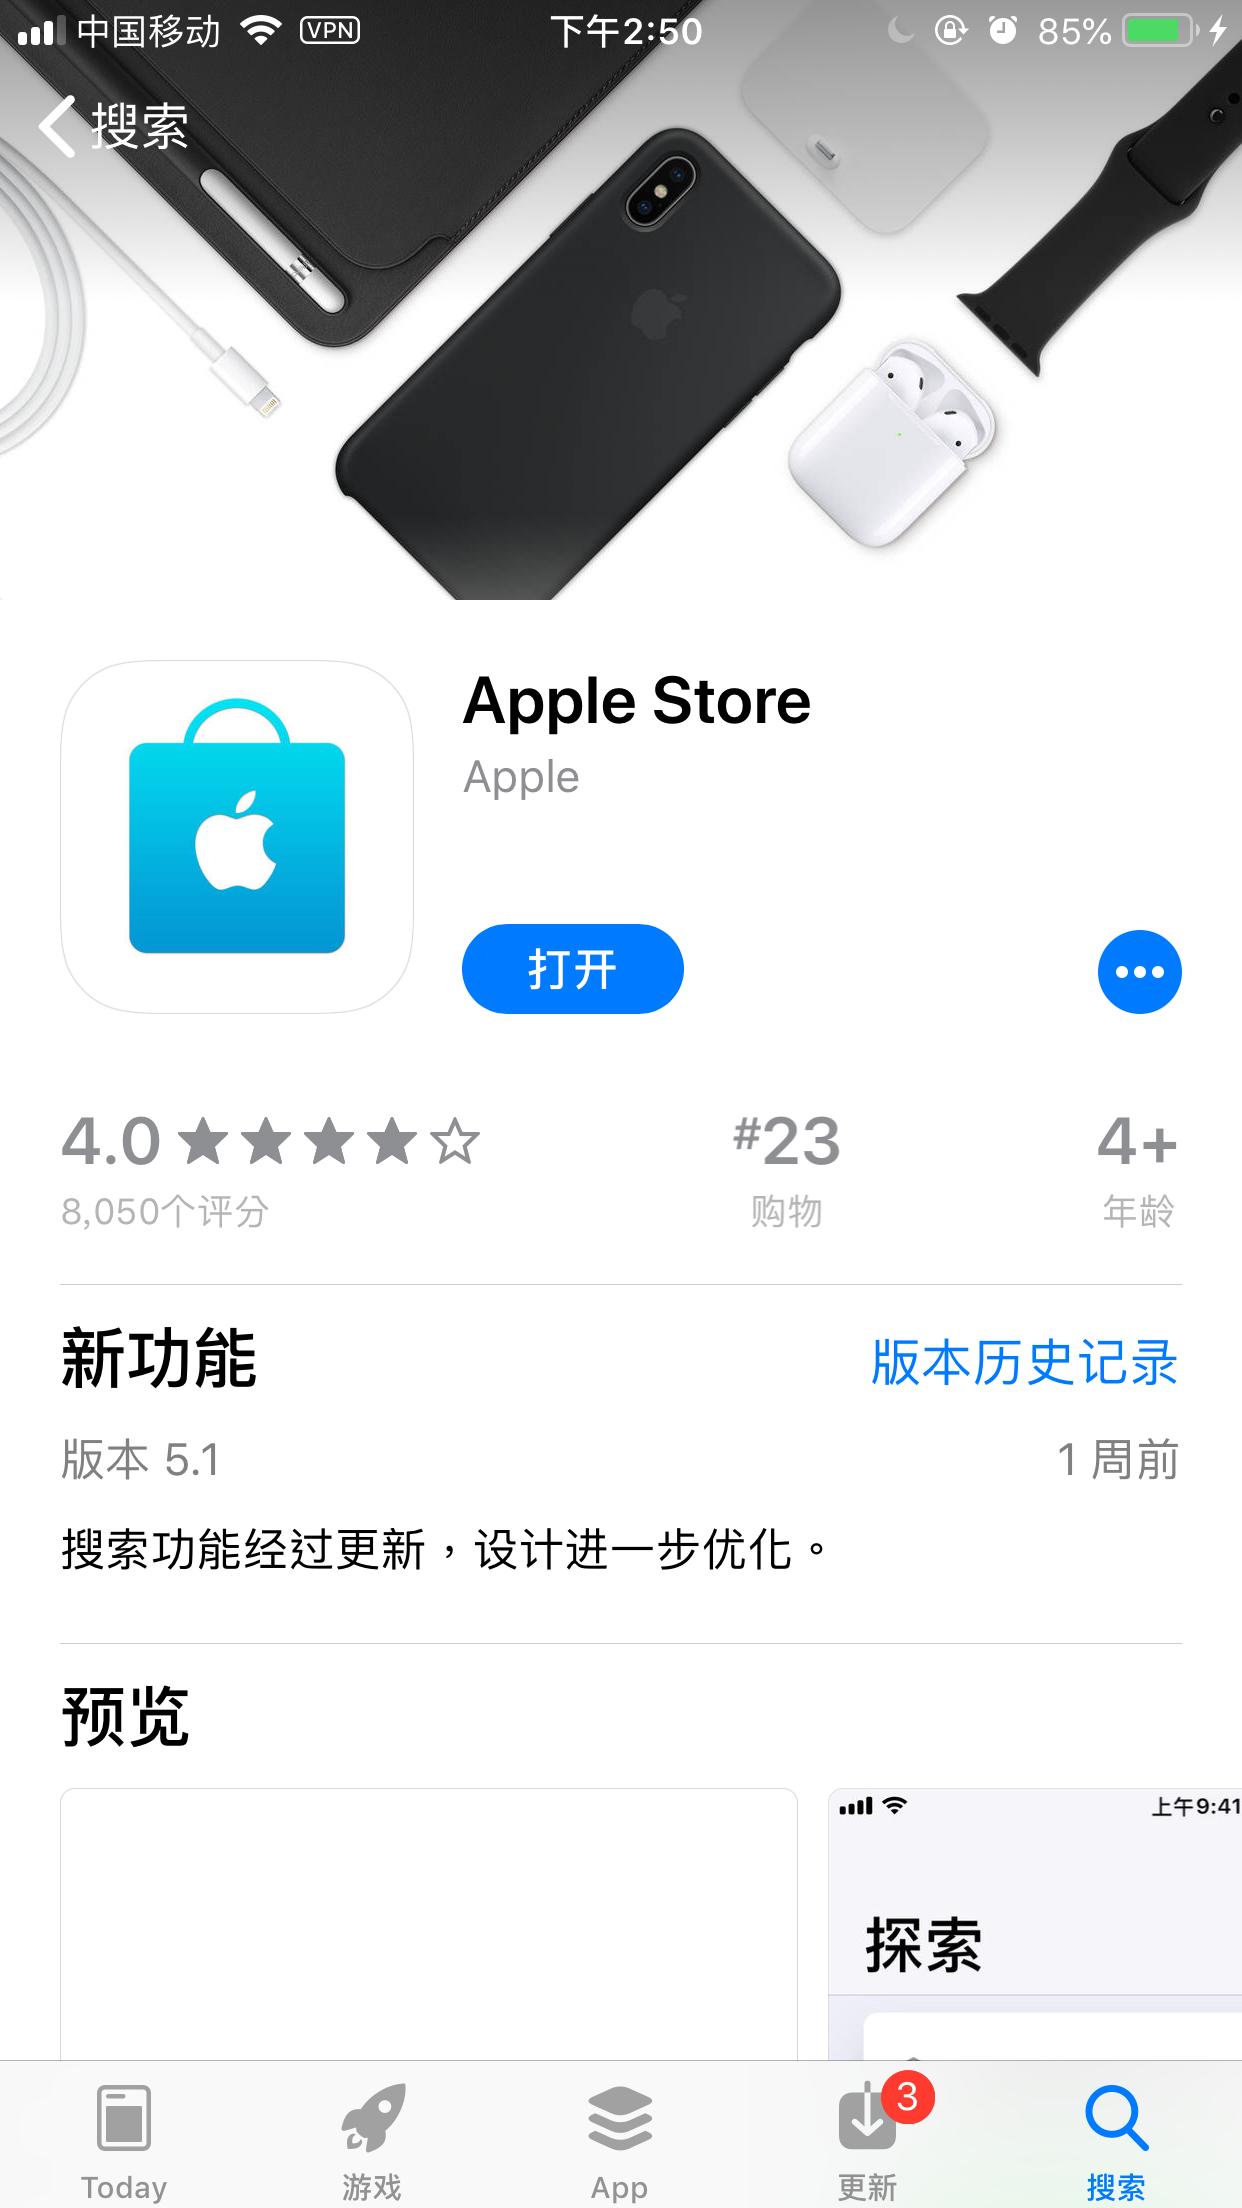 苹果再次带来限时免费福利:功能强大的拍照应用 Obscura 2(¥30 ->¥0)